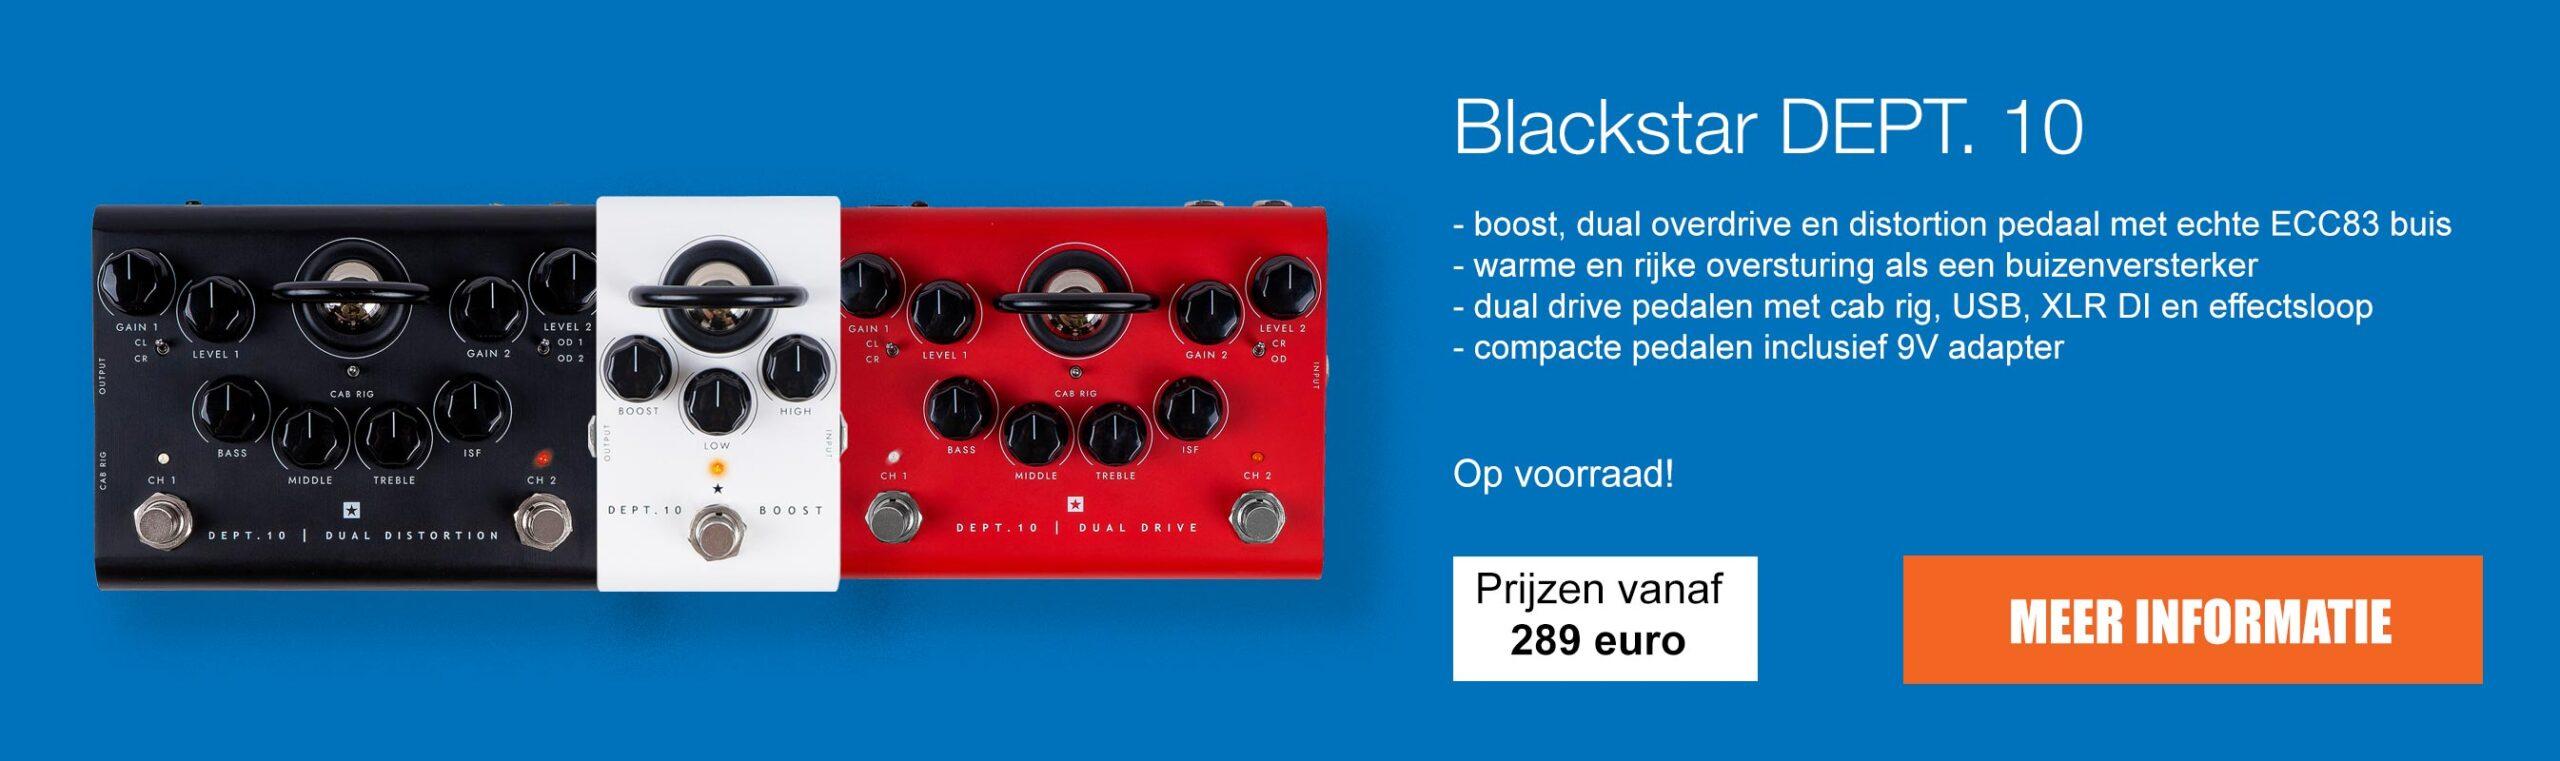 Blackstar_Dept_10